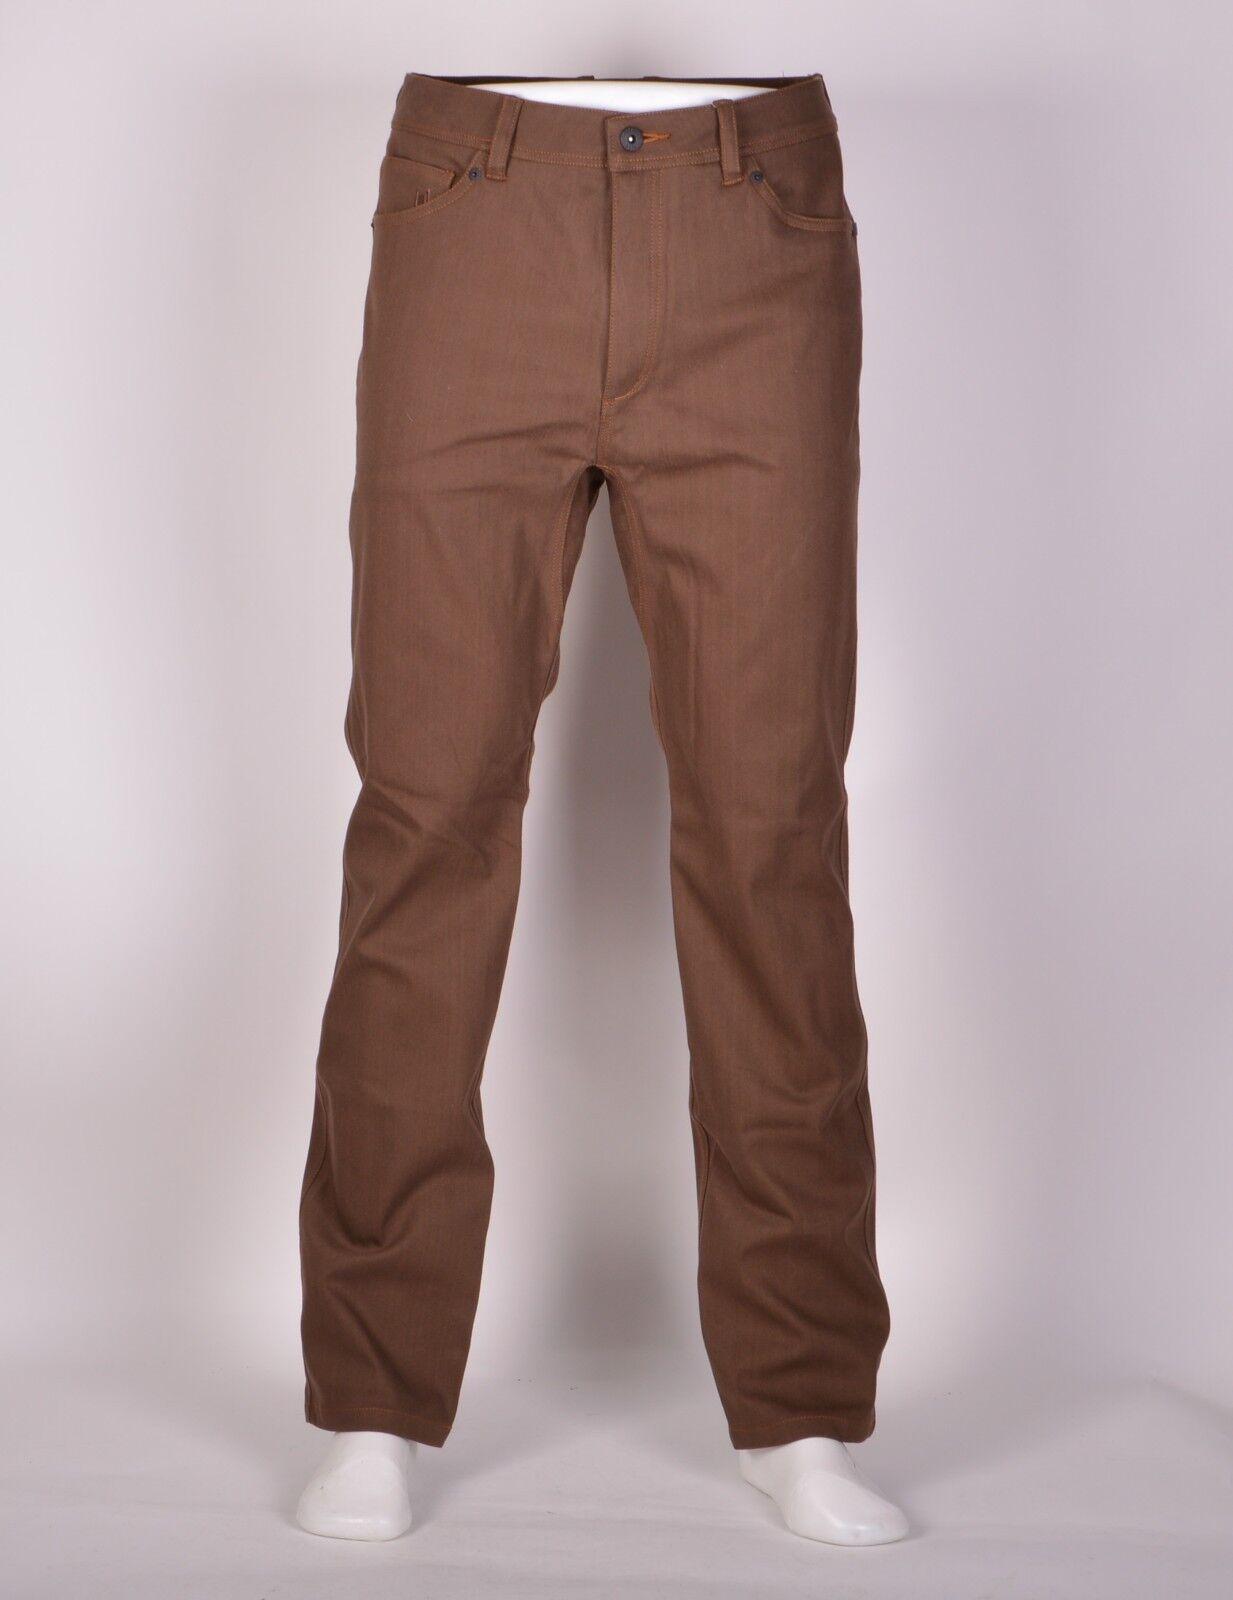 2016 Nwt Herren L1 One Isoliert Hose M-32 Braun Überfärbte Jeans Premium Waren